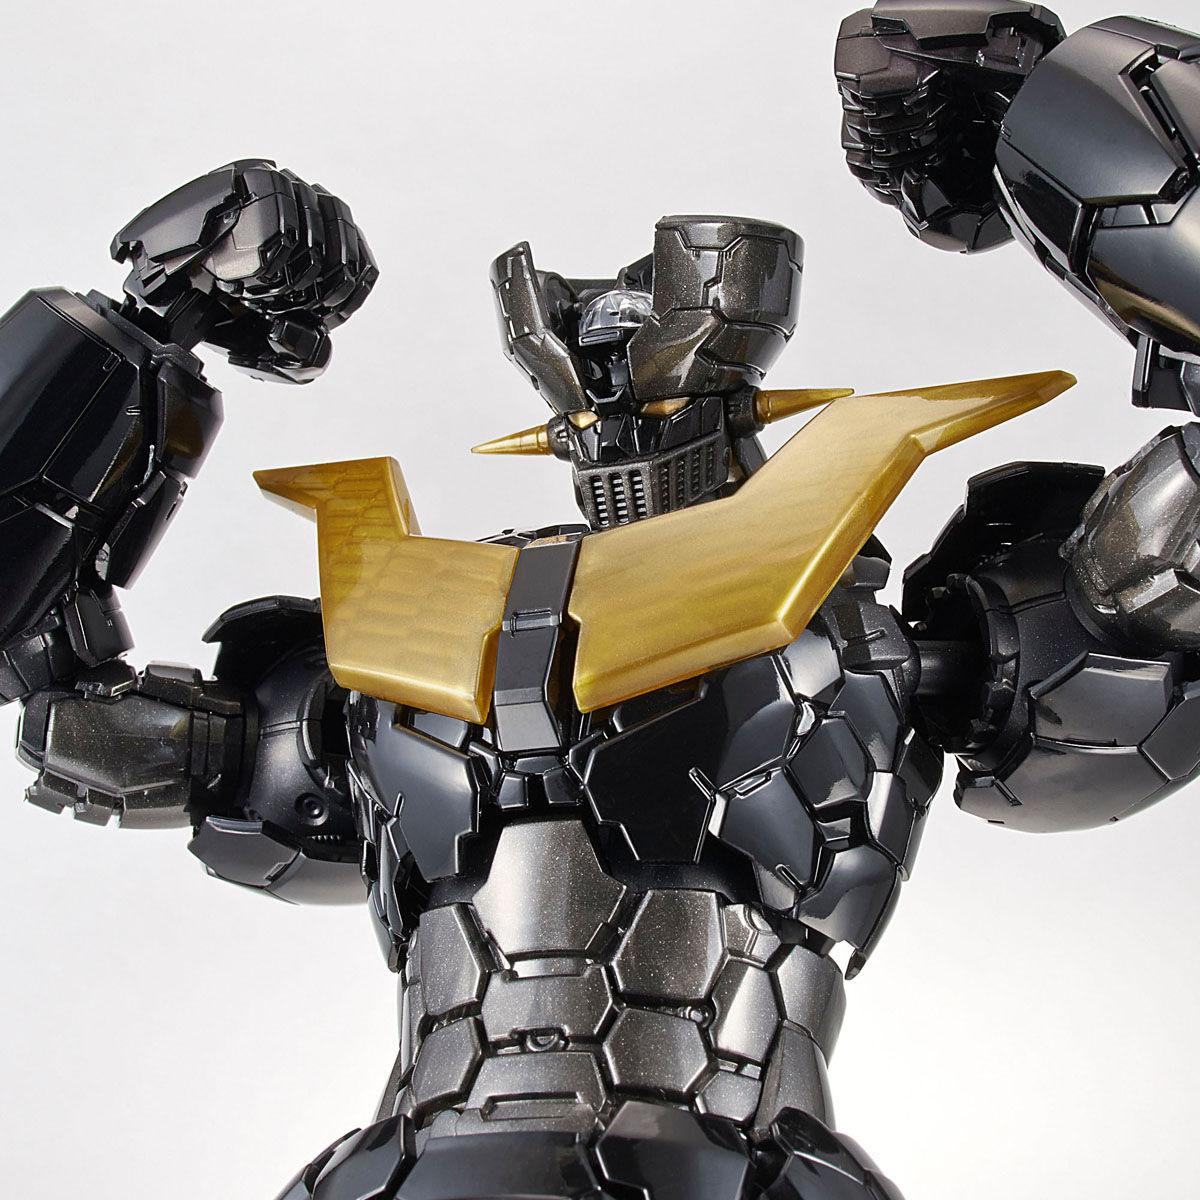 【限定販売】HG 1/144『マジンガーZ ブラックVer.(マジンガーZ INFINITY Ver.)』プラモデル-001